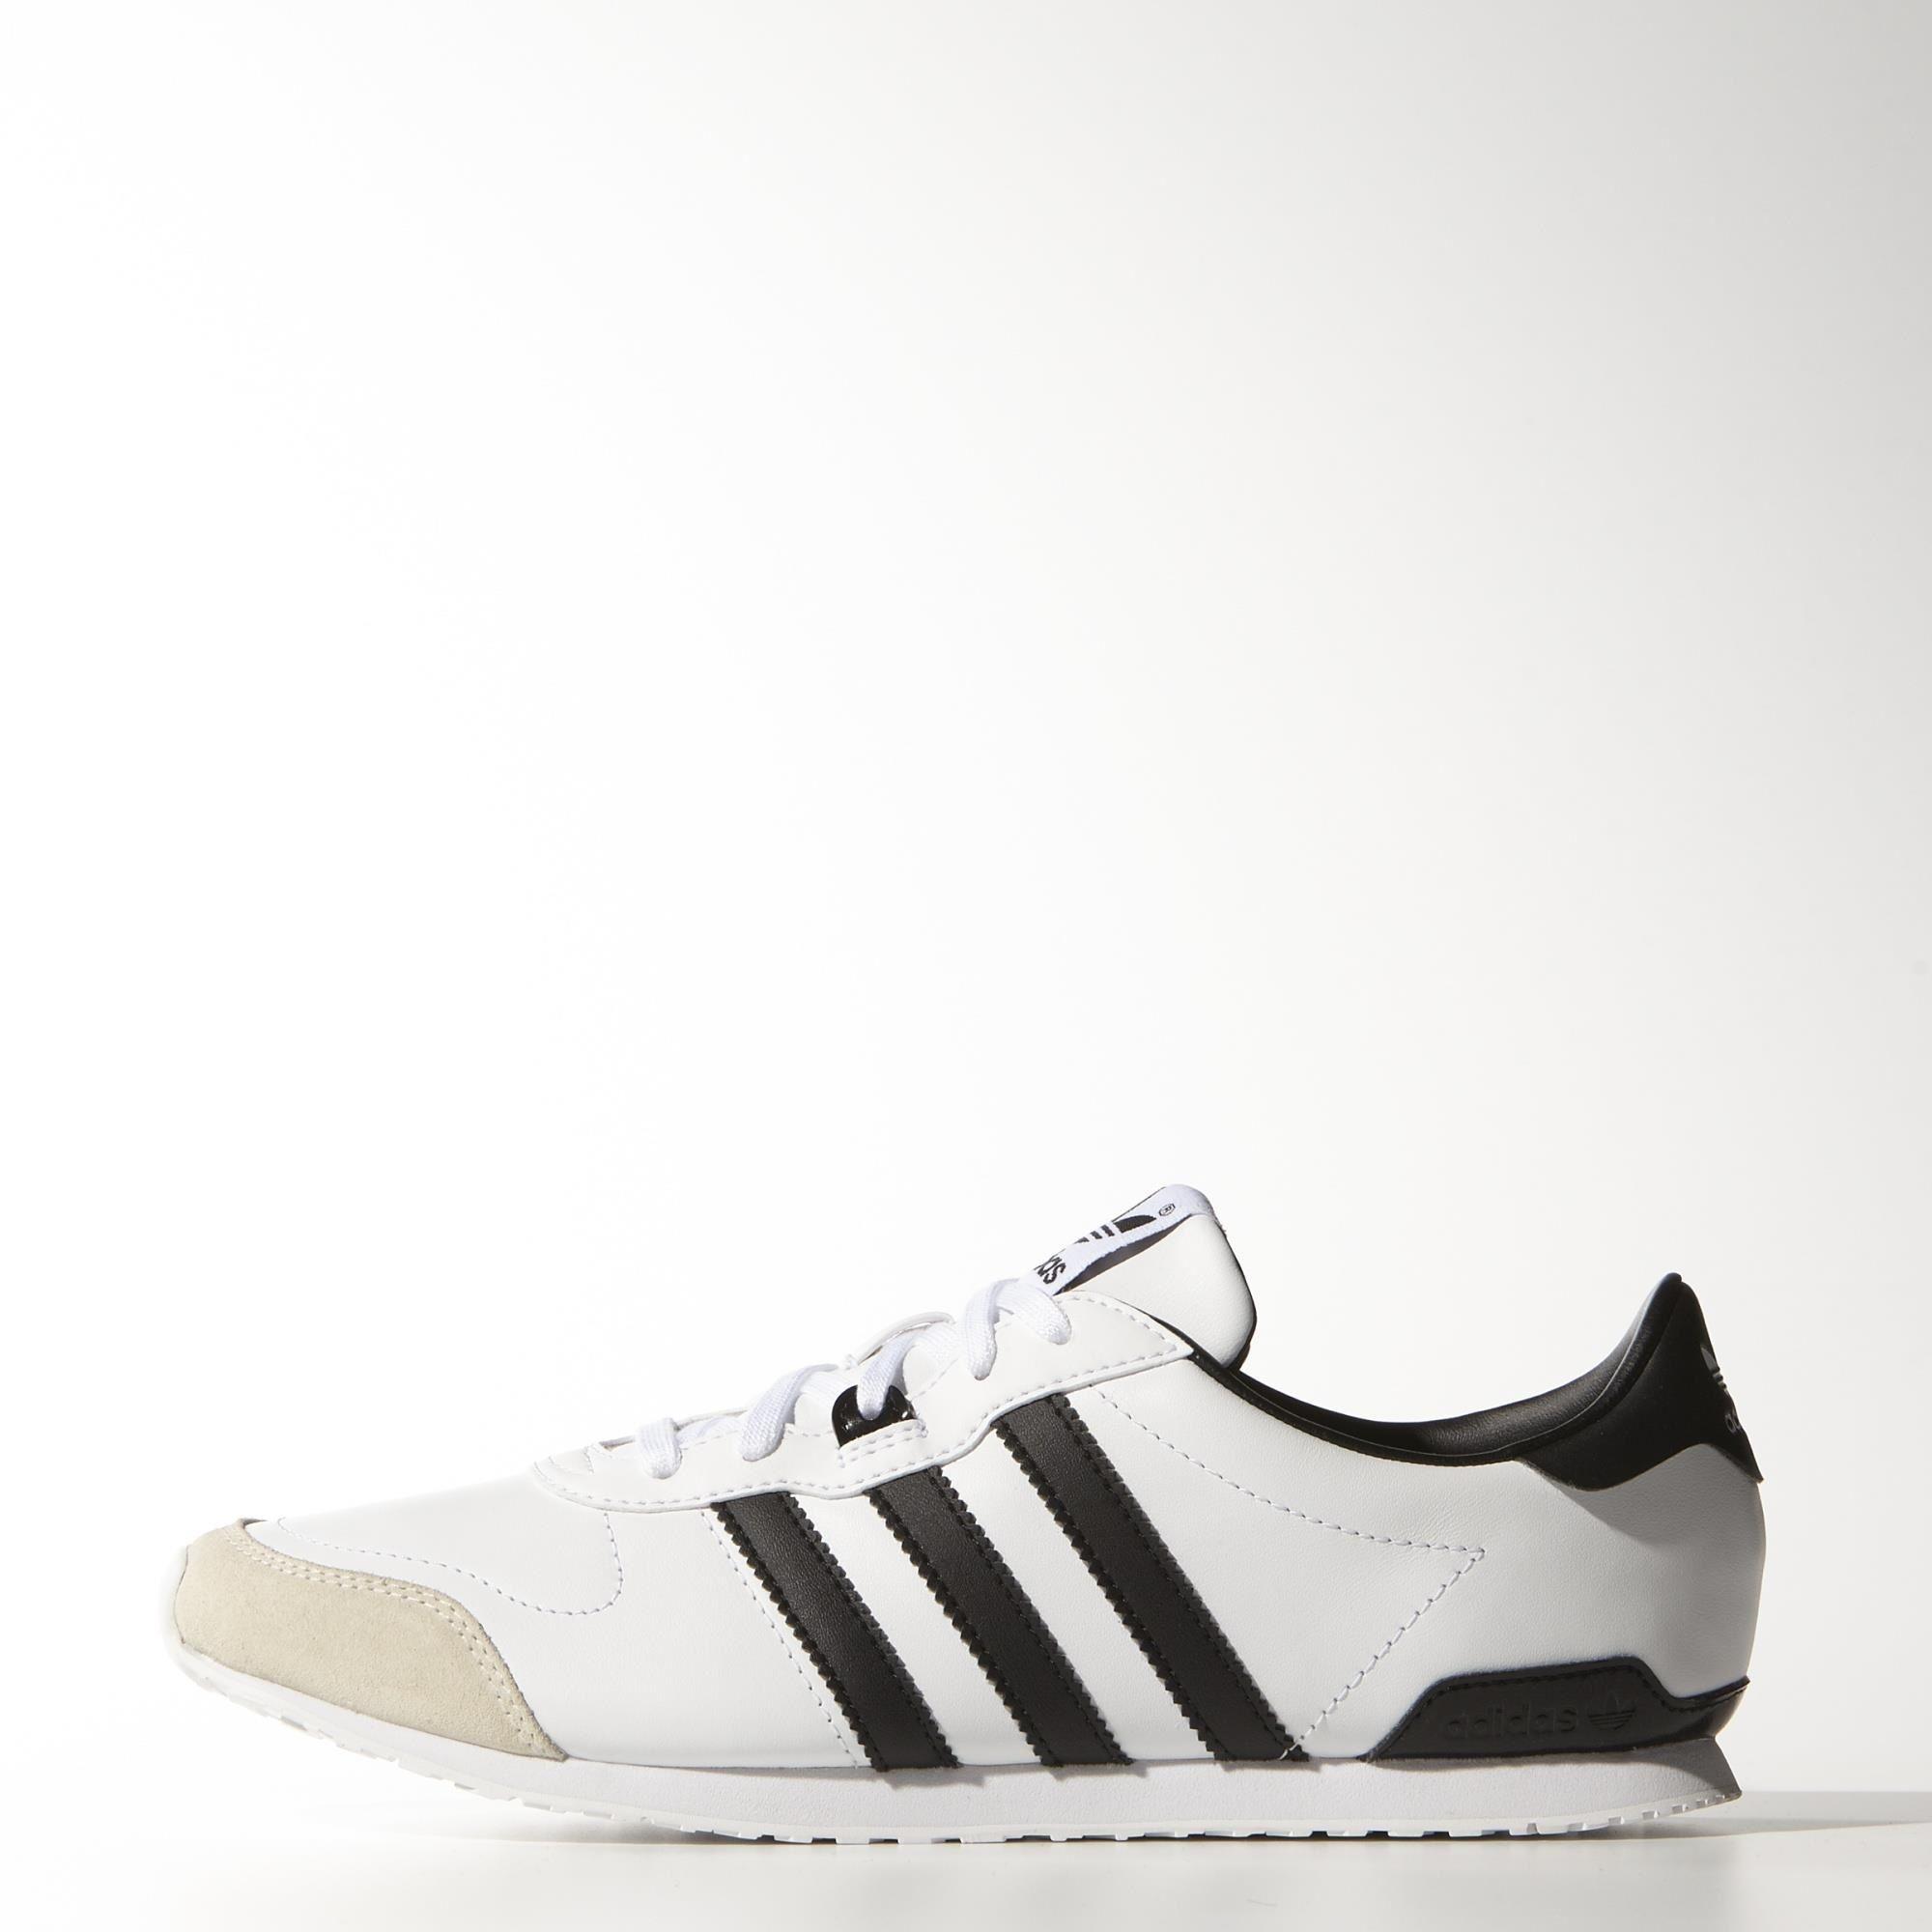 adidas donne zx 700 basso scarpe adidas adiddas pinterest